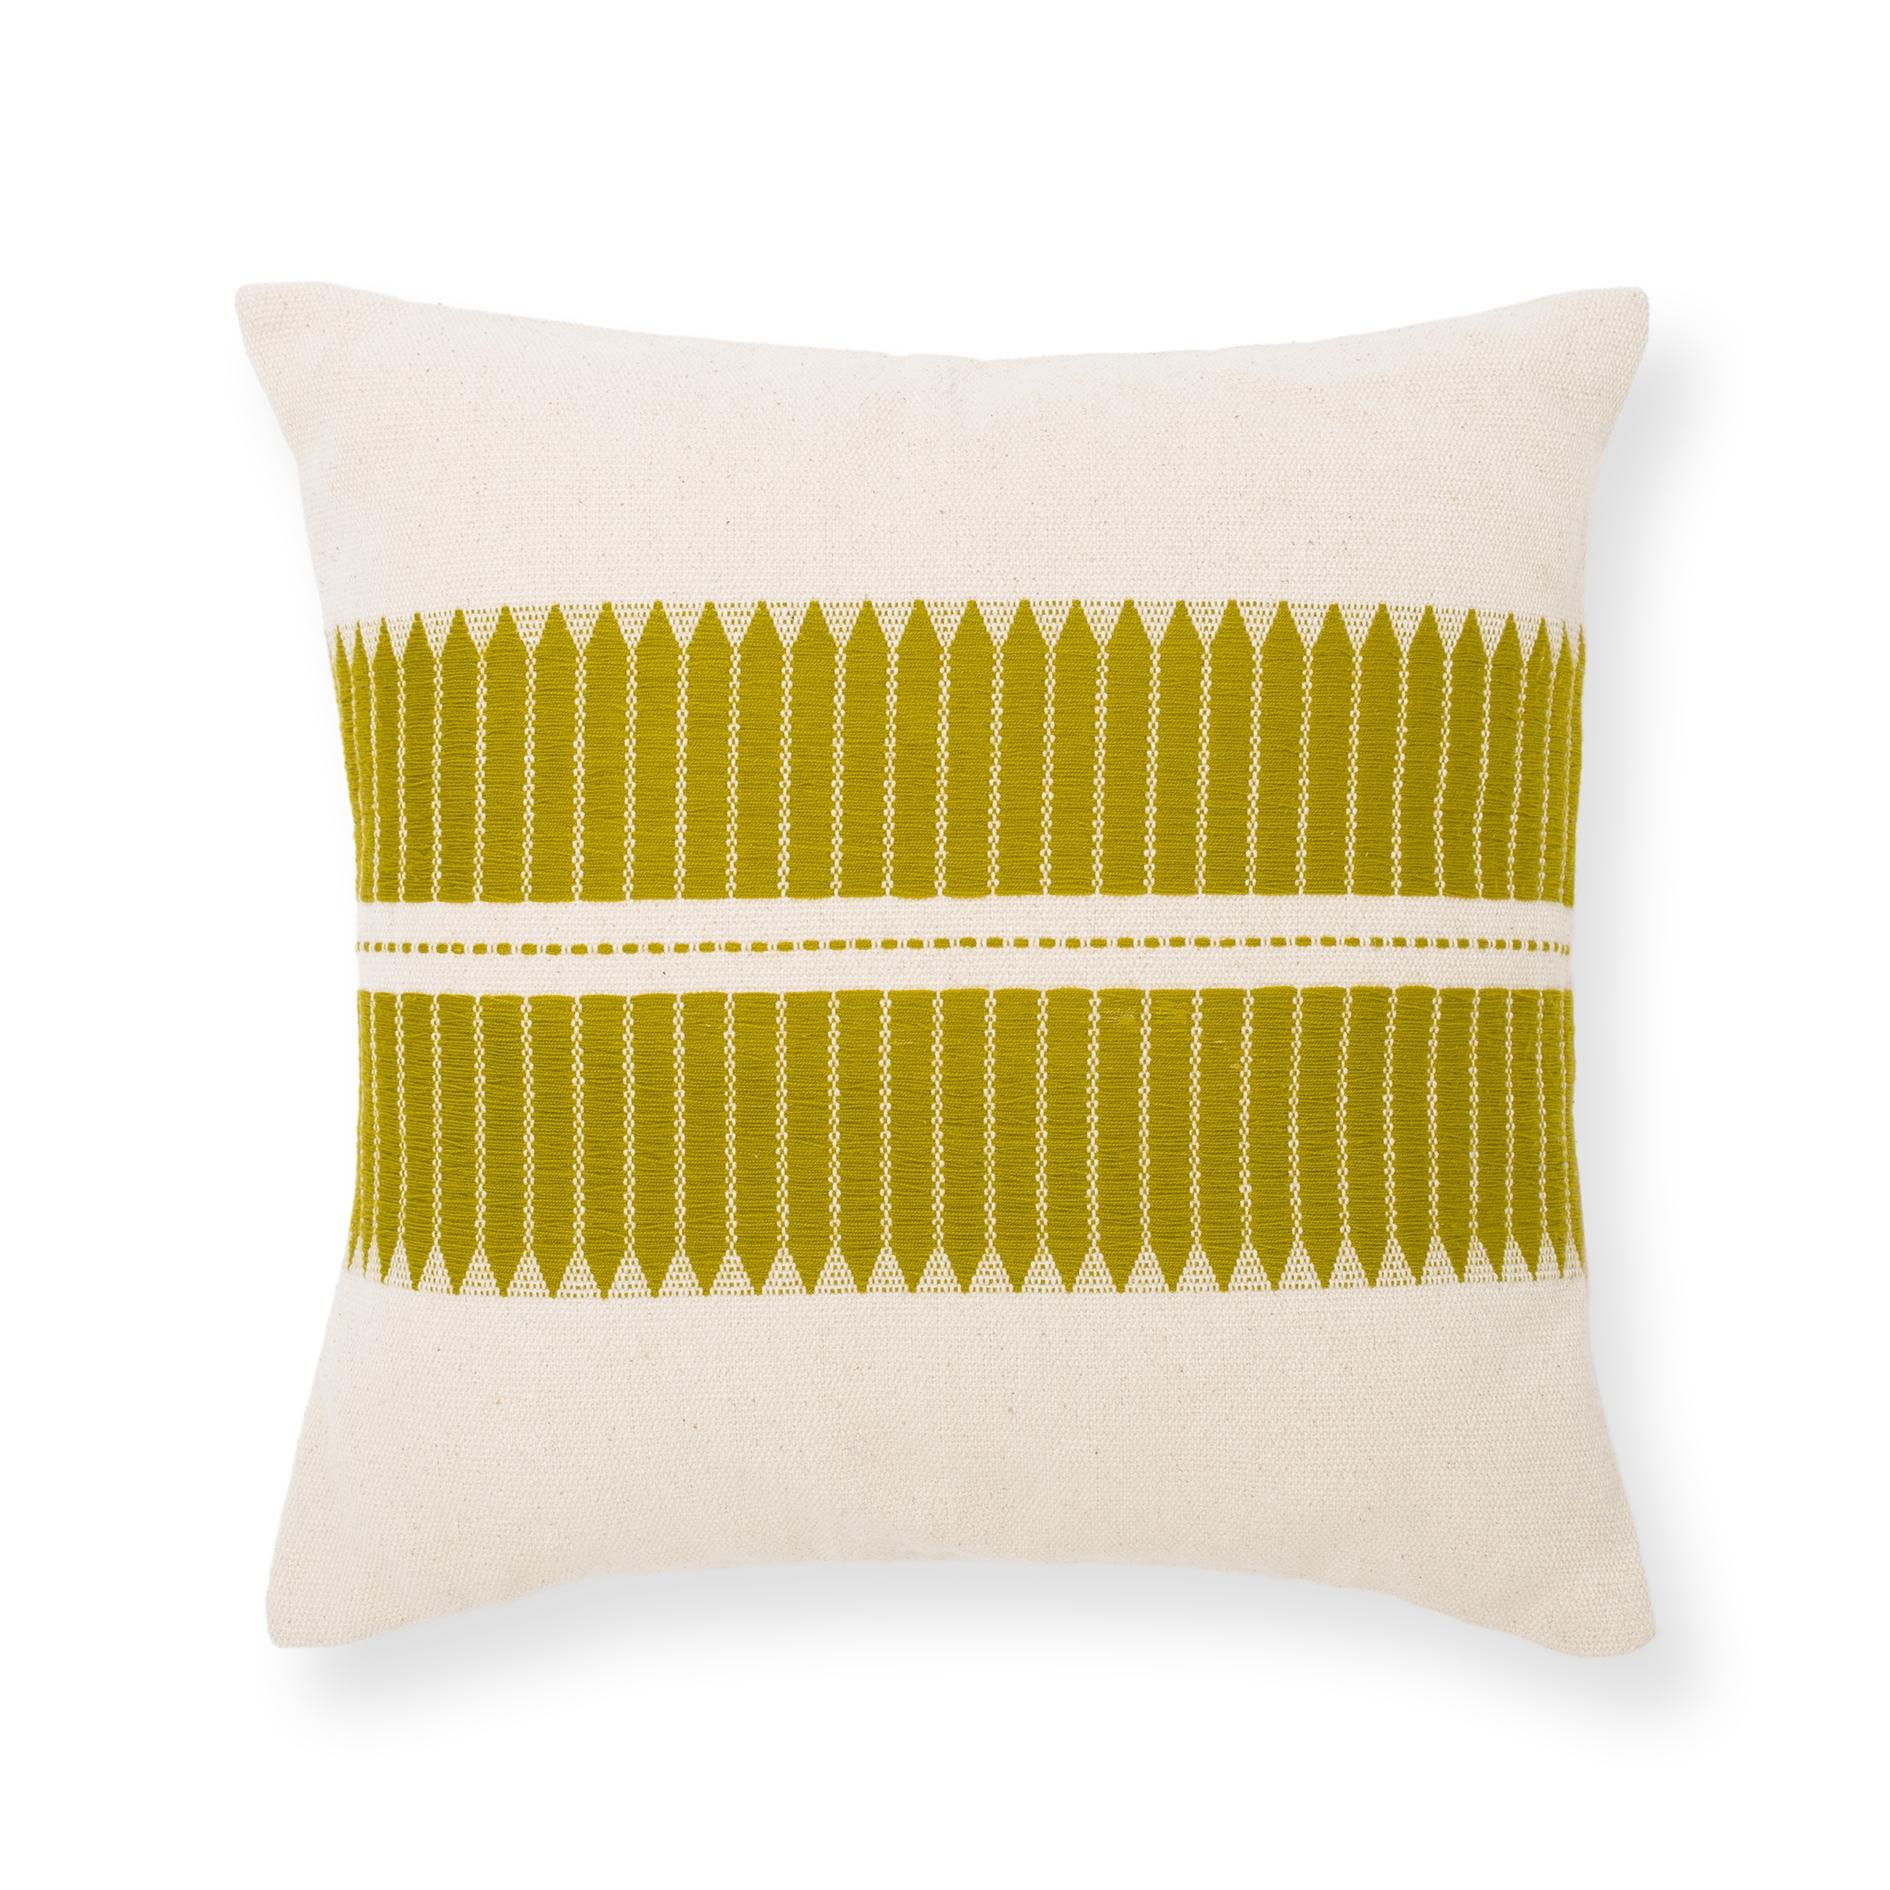 Coussin Manipuri Arrow - vert citron - MILLE ET CLAIRE